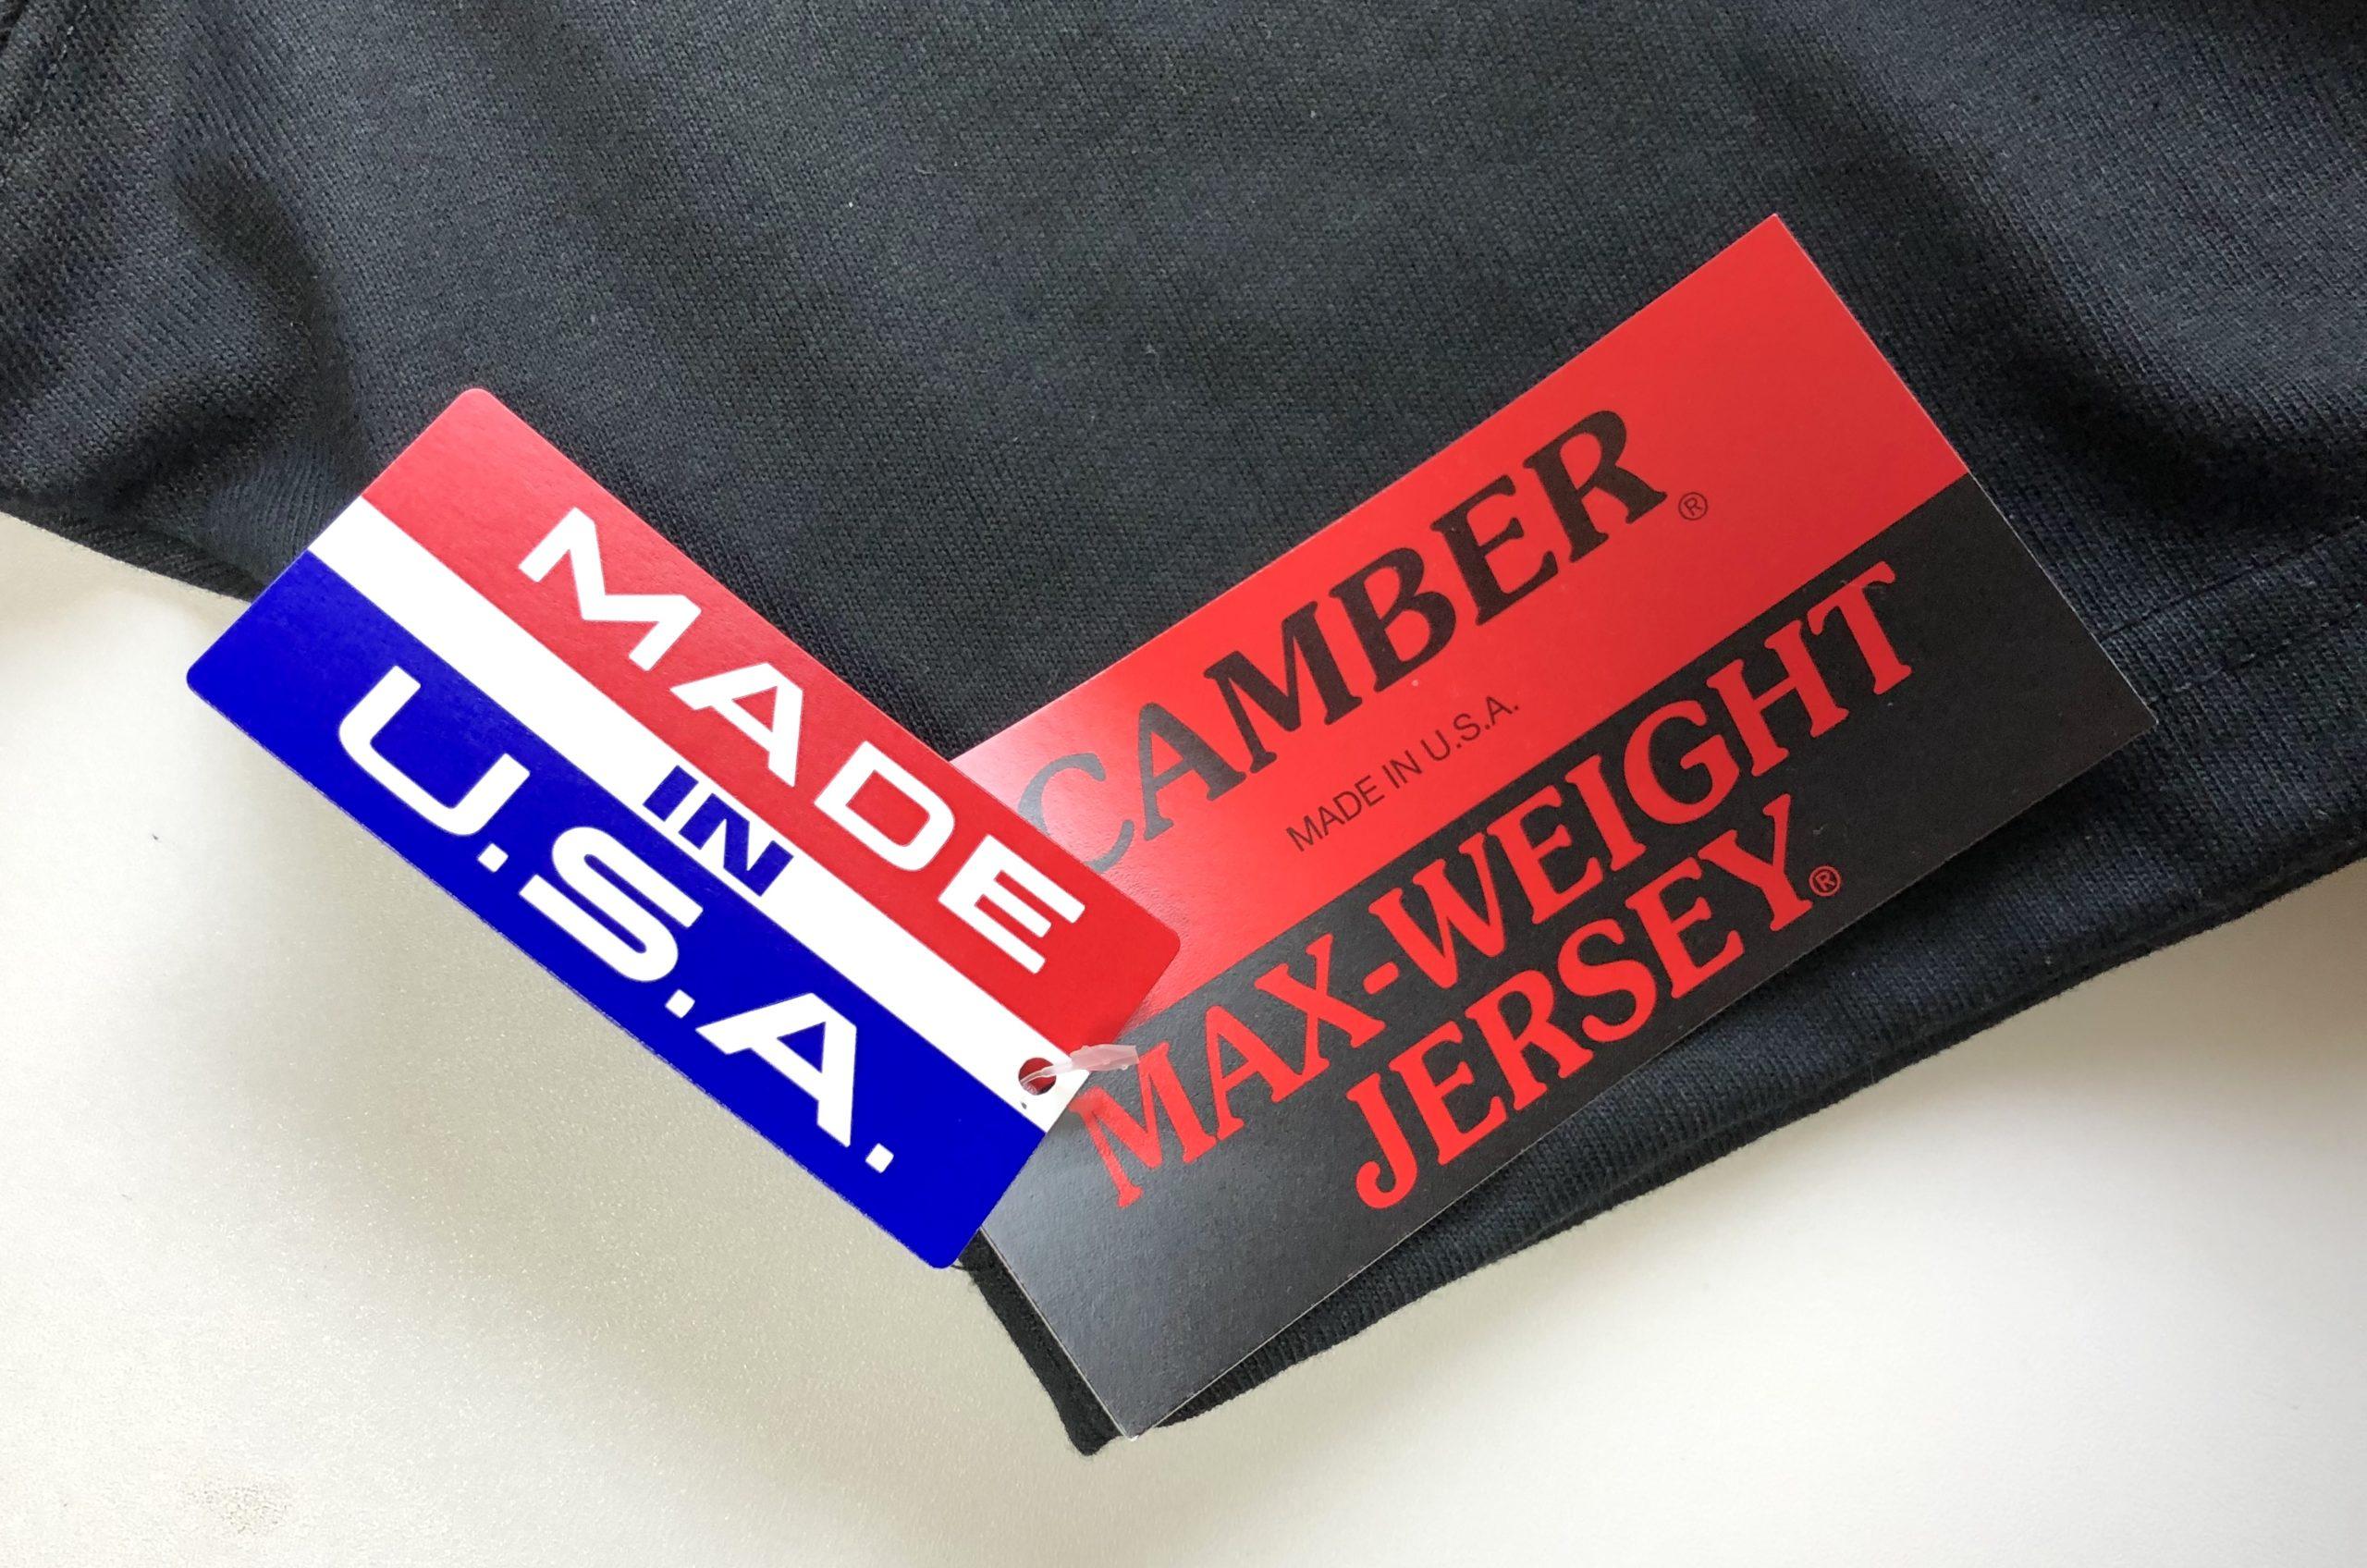 CAMBER(キャンバー)・マックスウェイトTシャツの概要と特徴